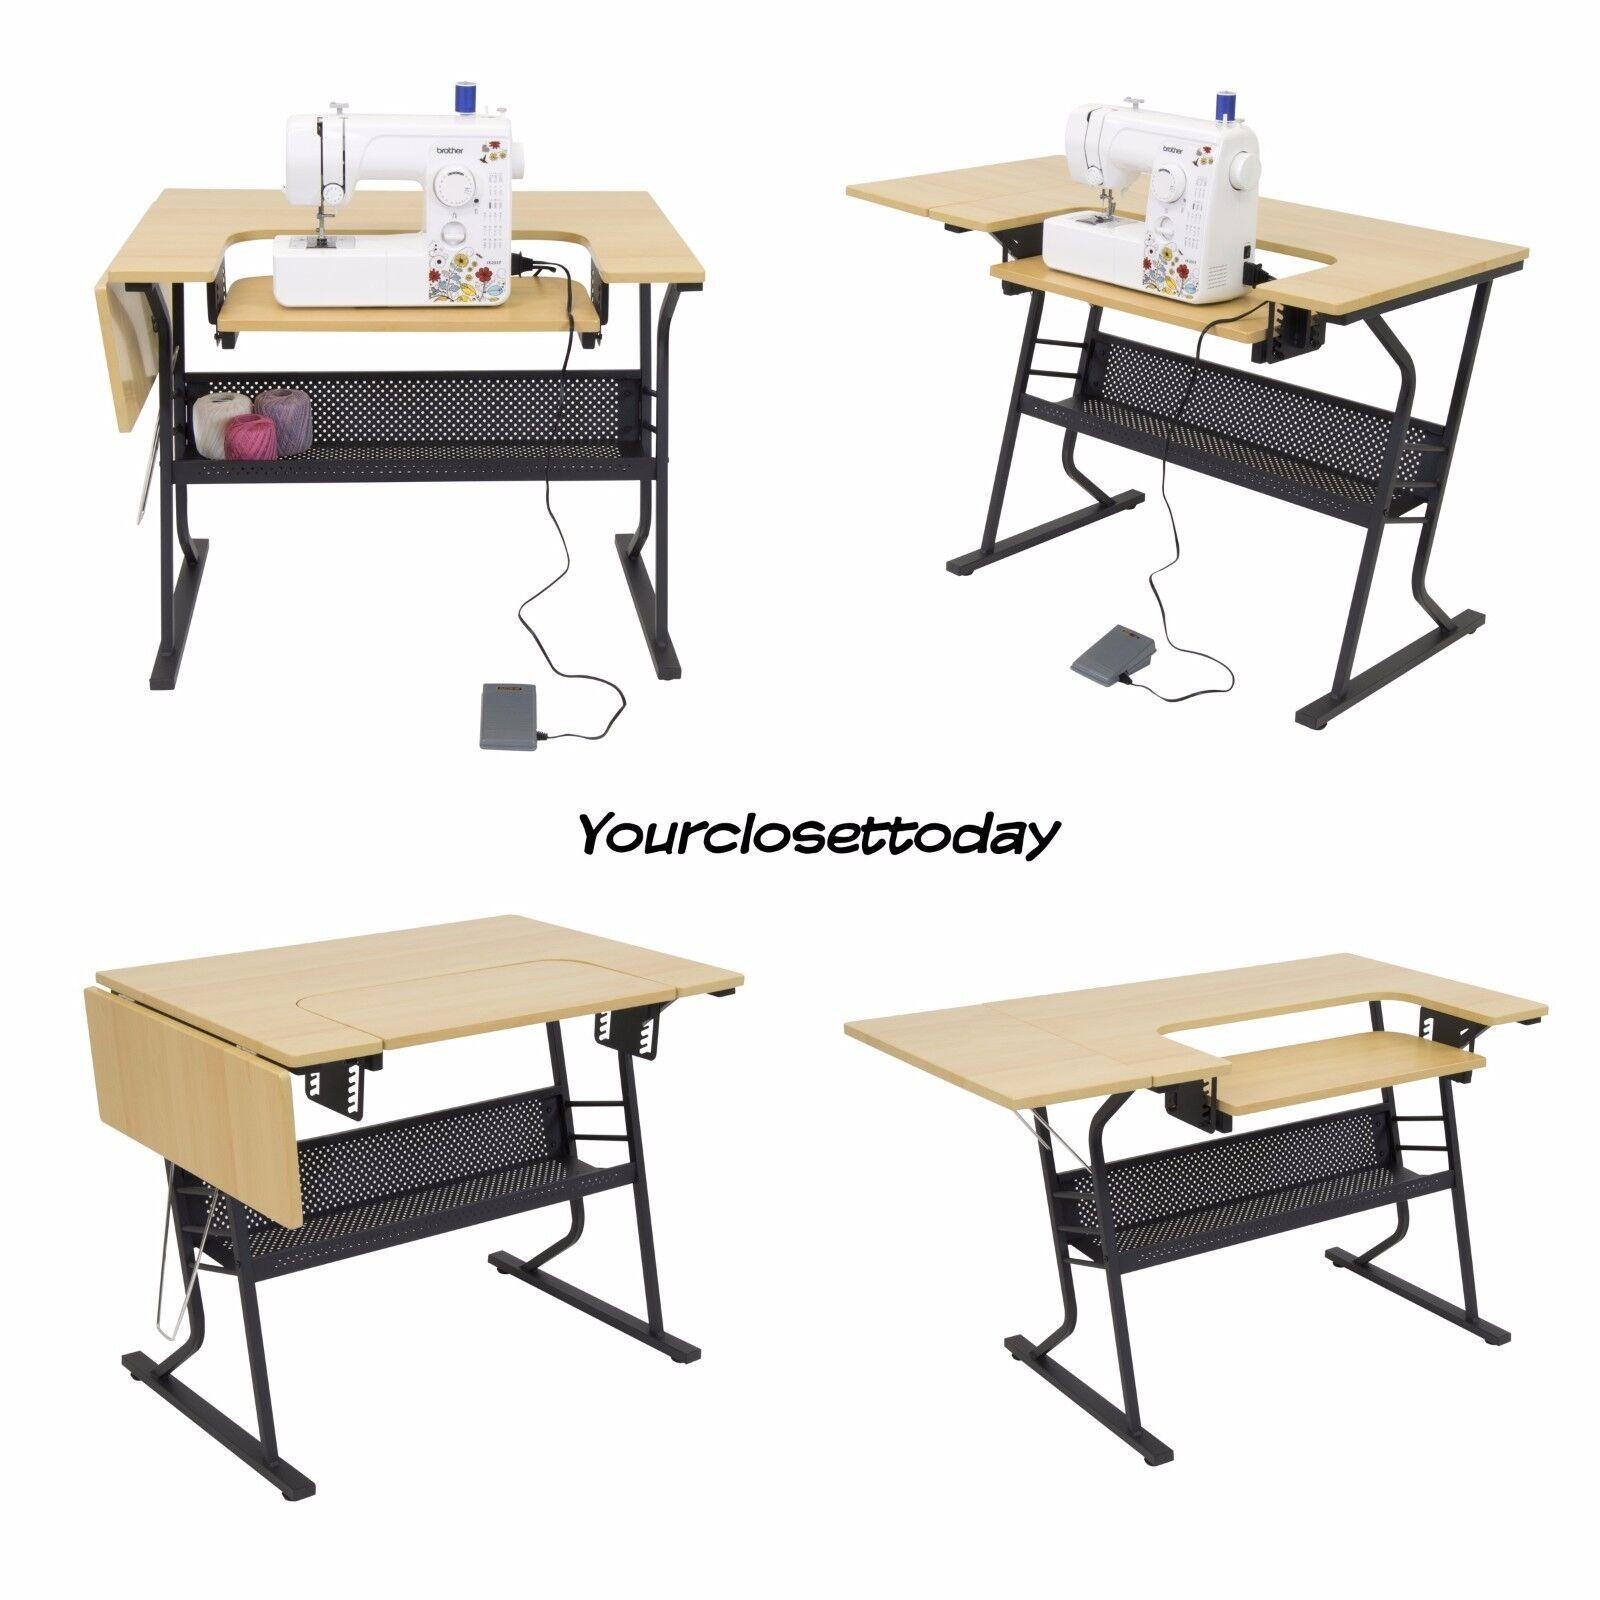 new sewing machine craft table folding computer desk storage shelves art beige. Black Bedroom Furniture Sets. Home Design Ideas